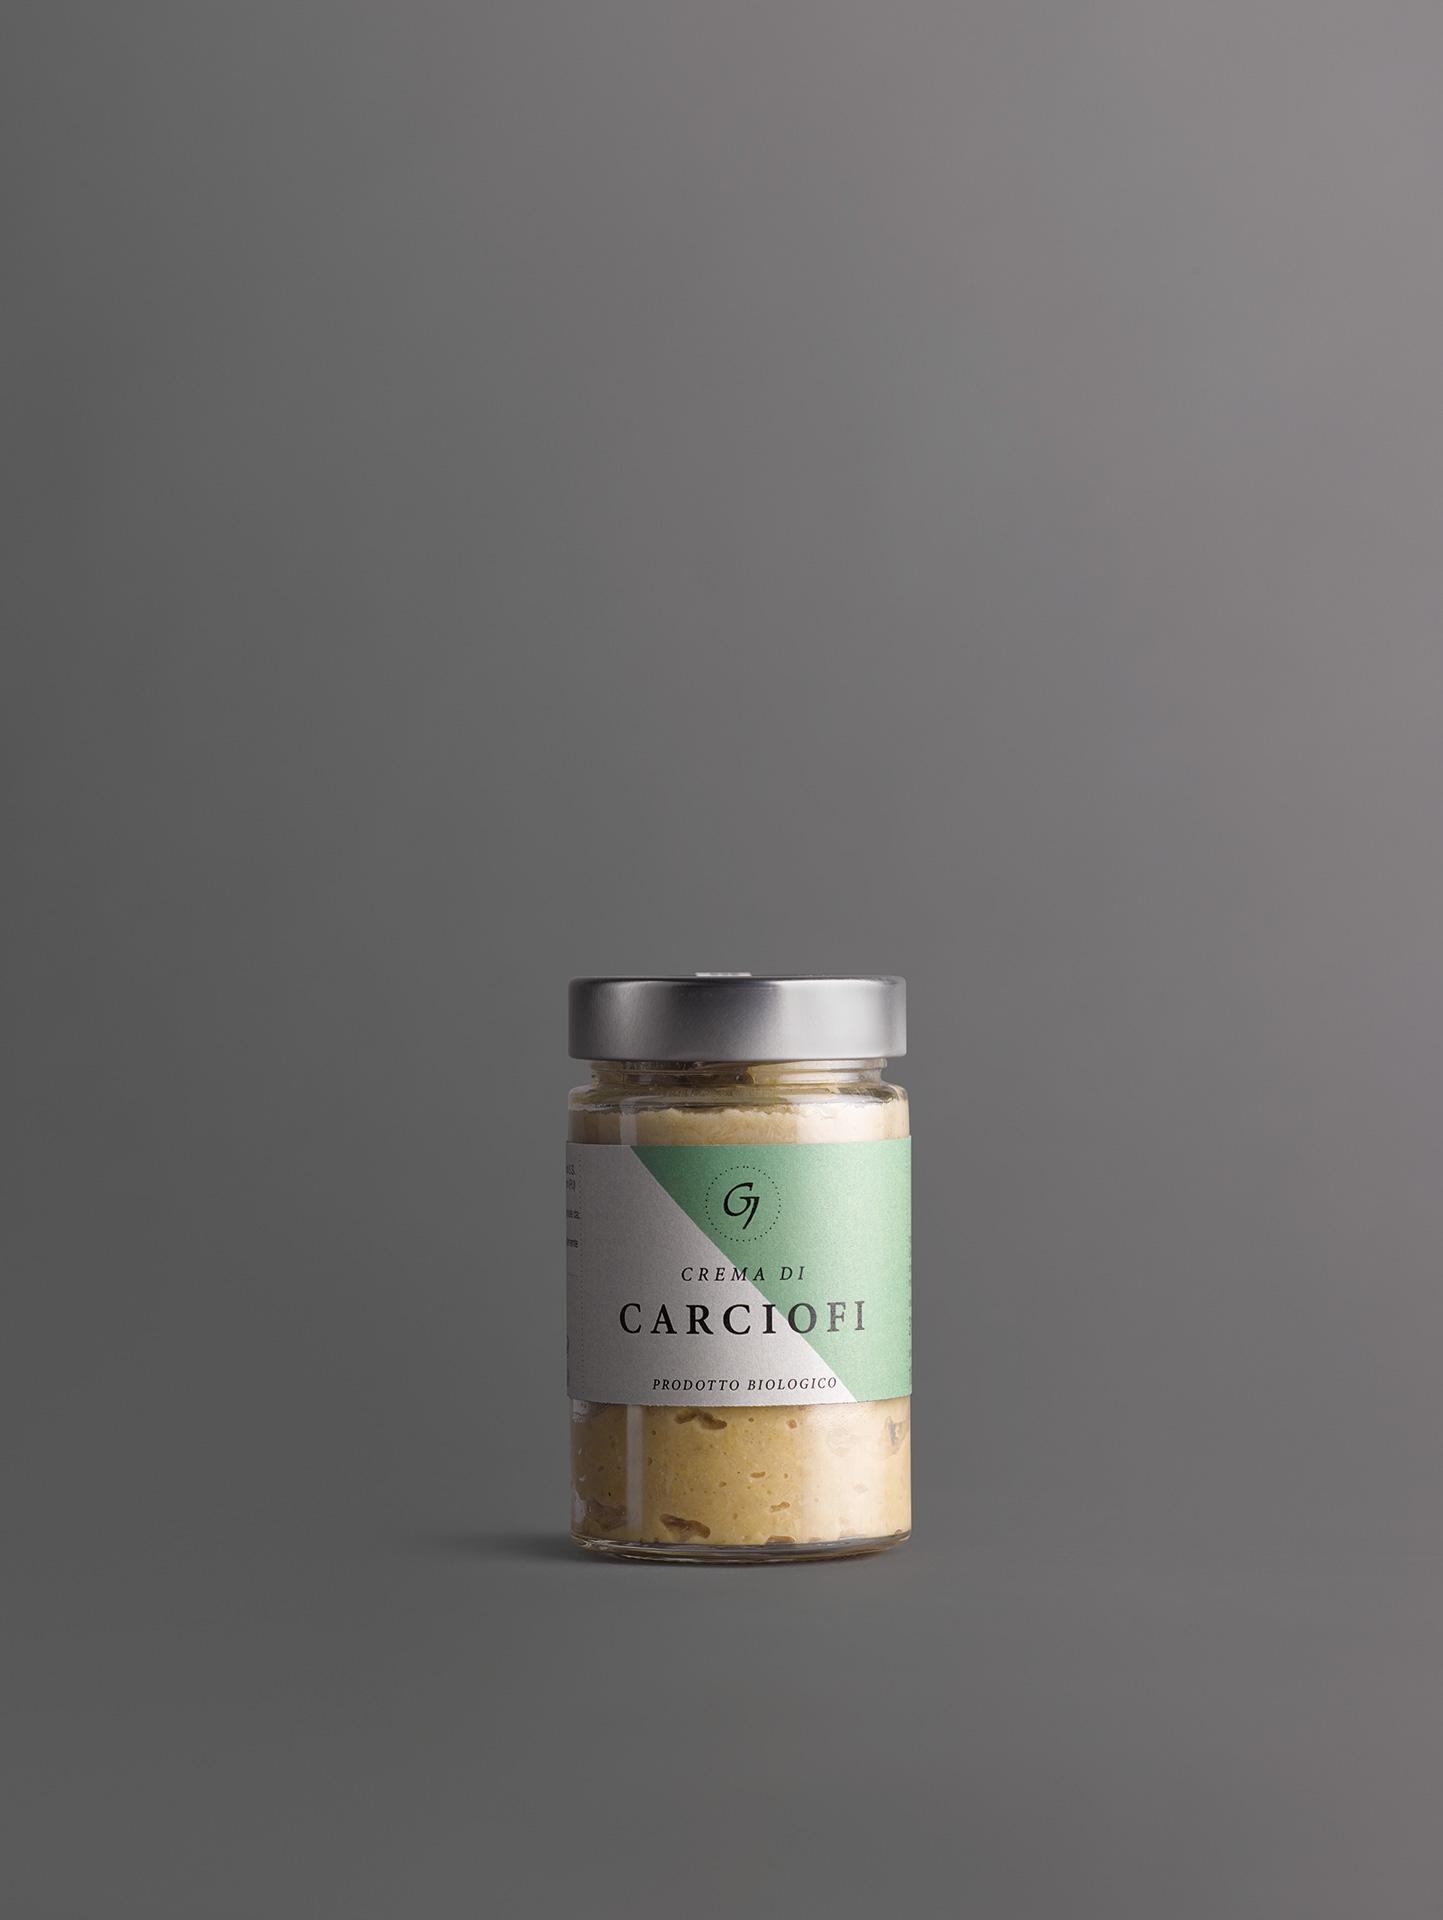 GALIARDI – Azienda Agricola Cartoceto – Crema di Carciofi